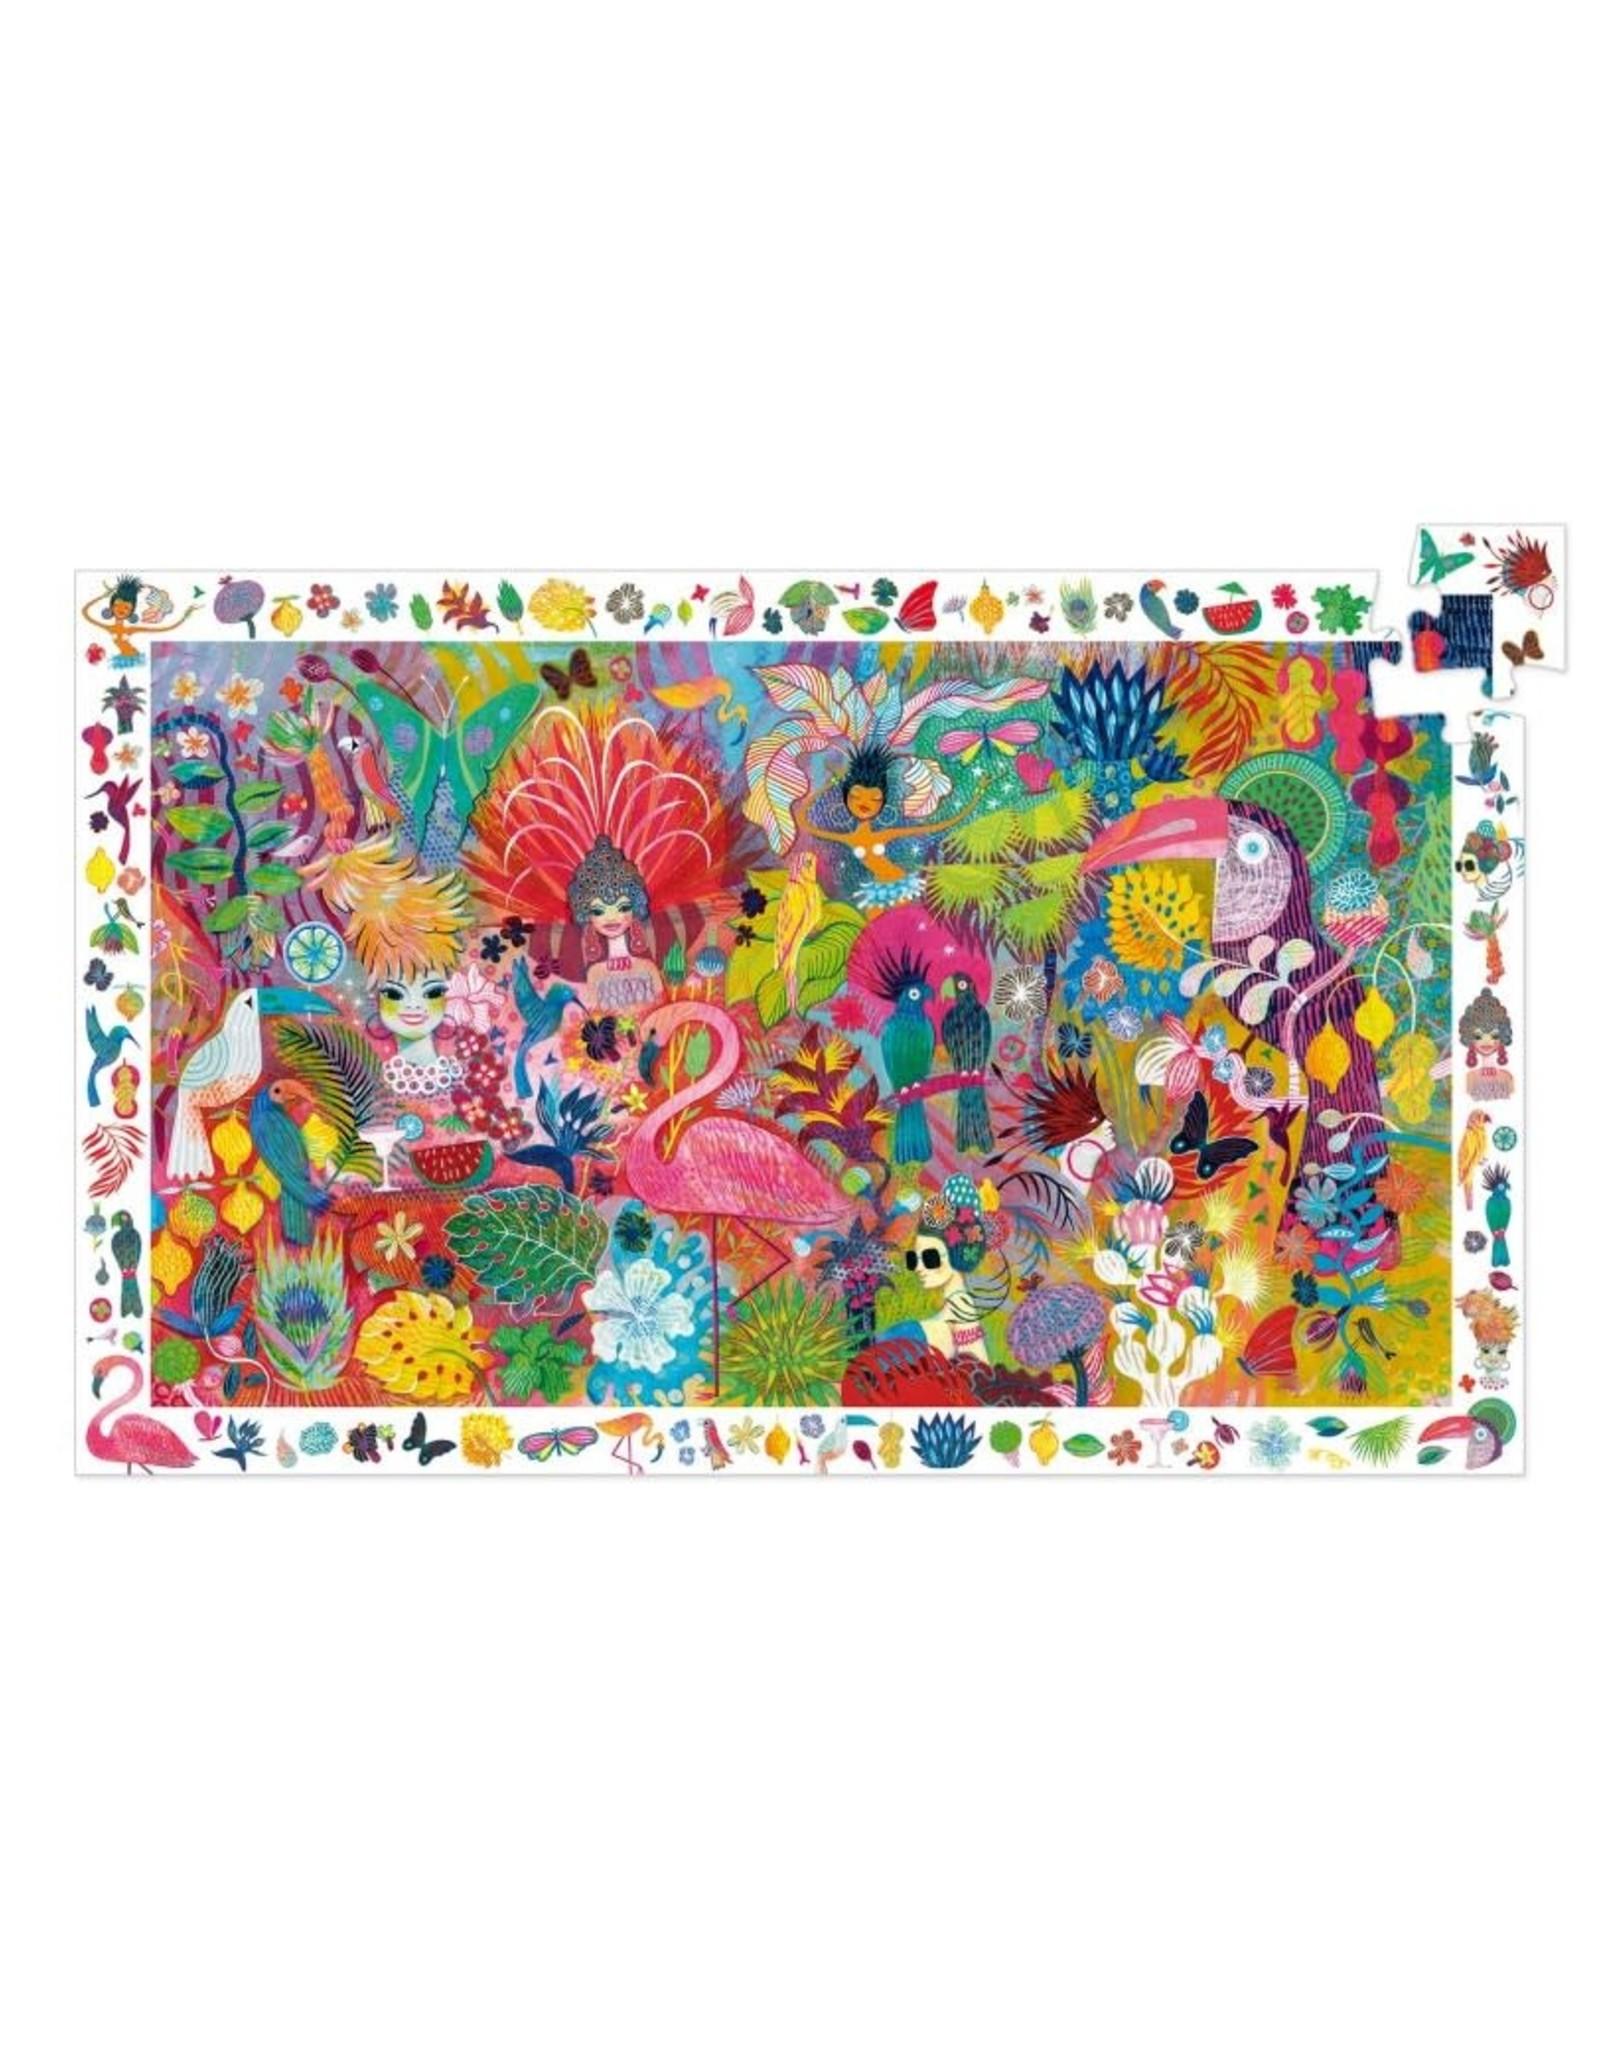 Djeco Observatiepuzzel Rio Carnaval